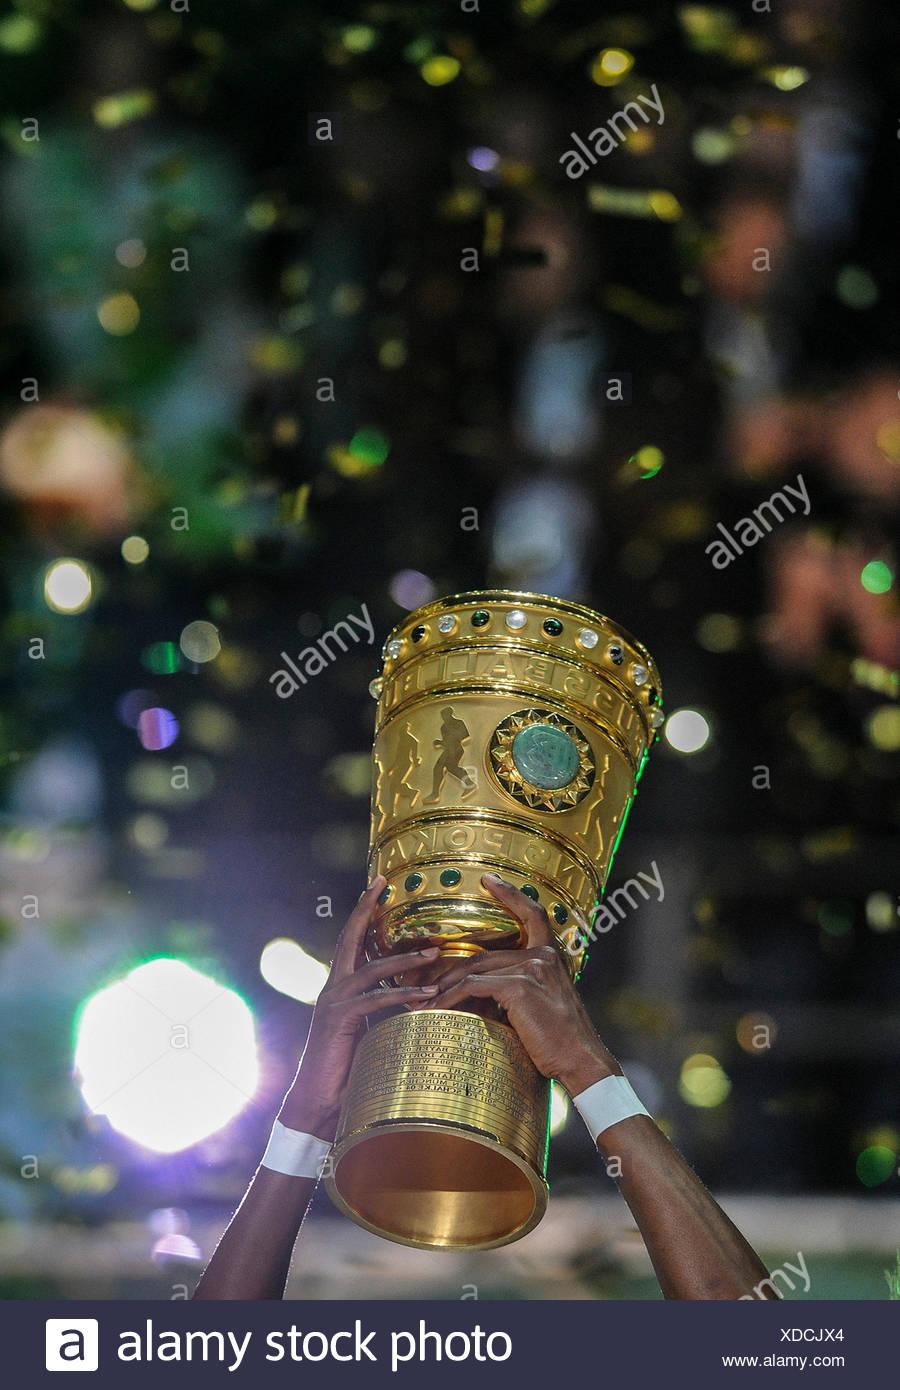 Fußball, deutsche DFB-Pokal statt in der Luft, Olympiastadion, Berlin, Deutschland Stockbild